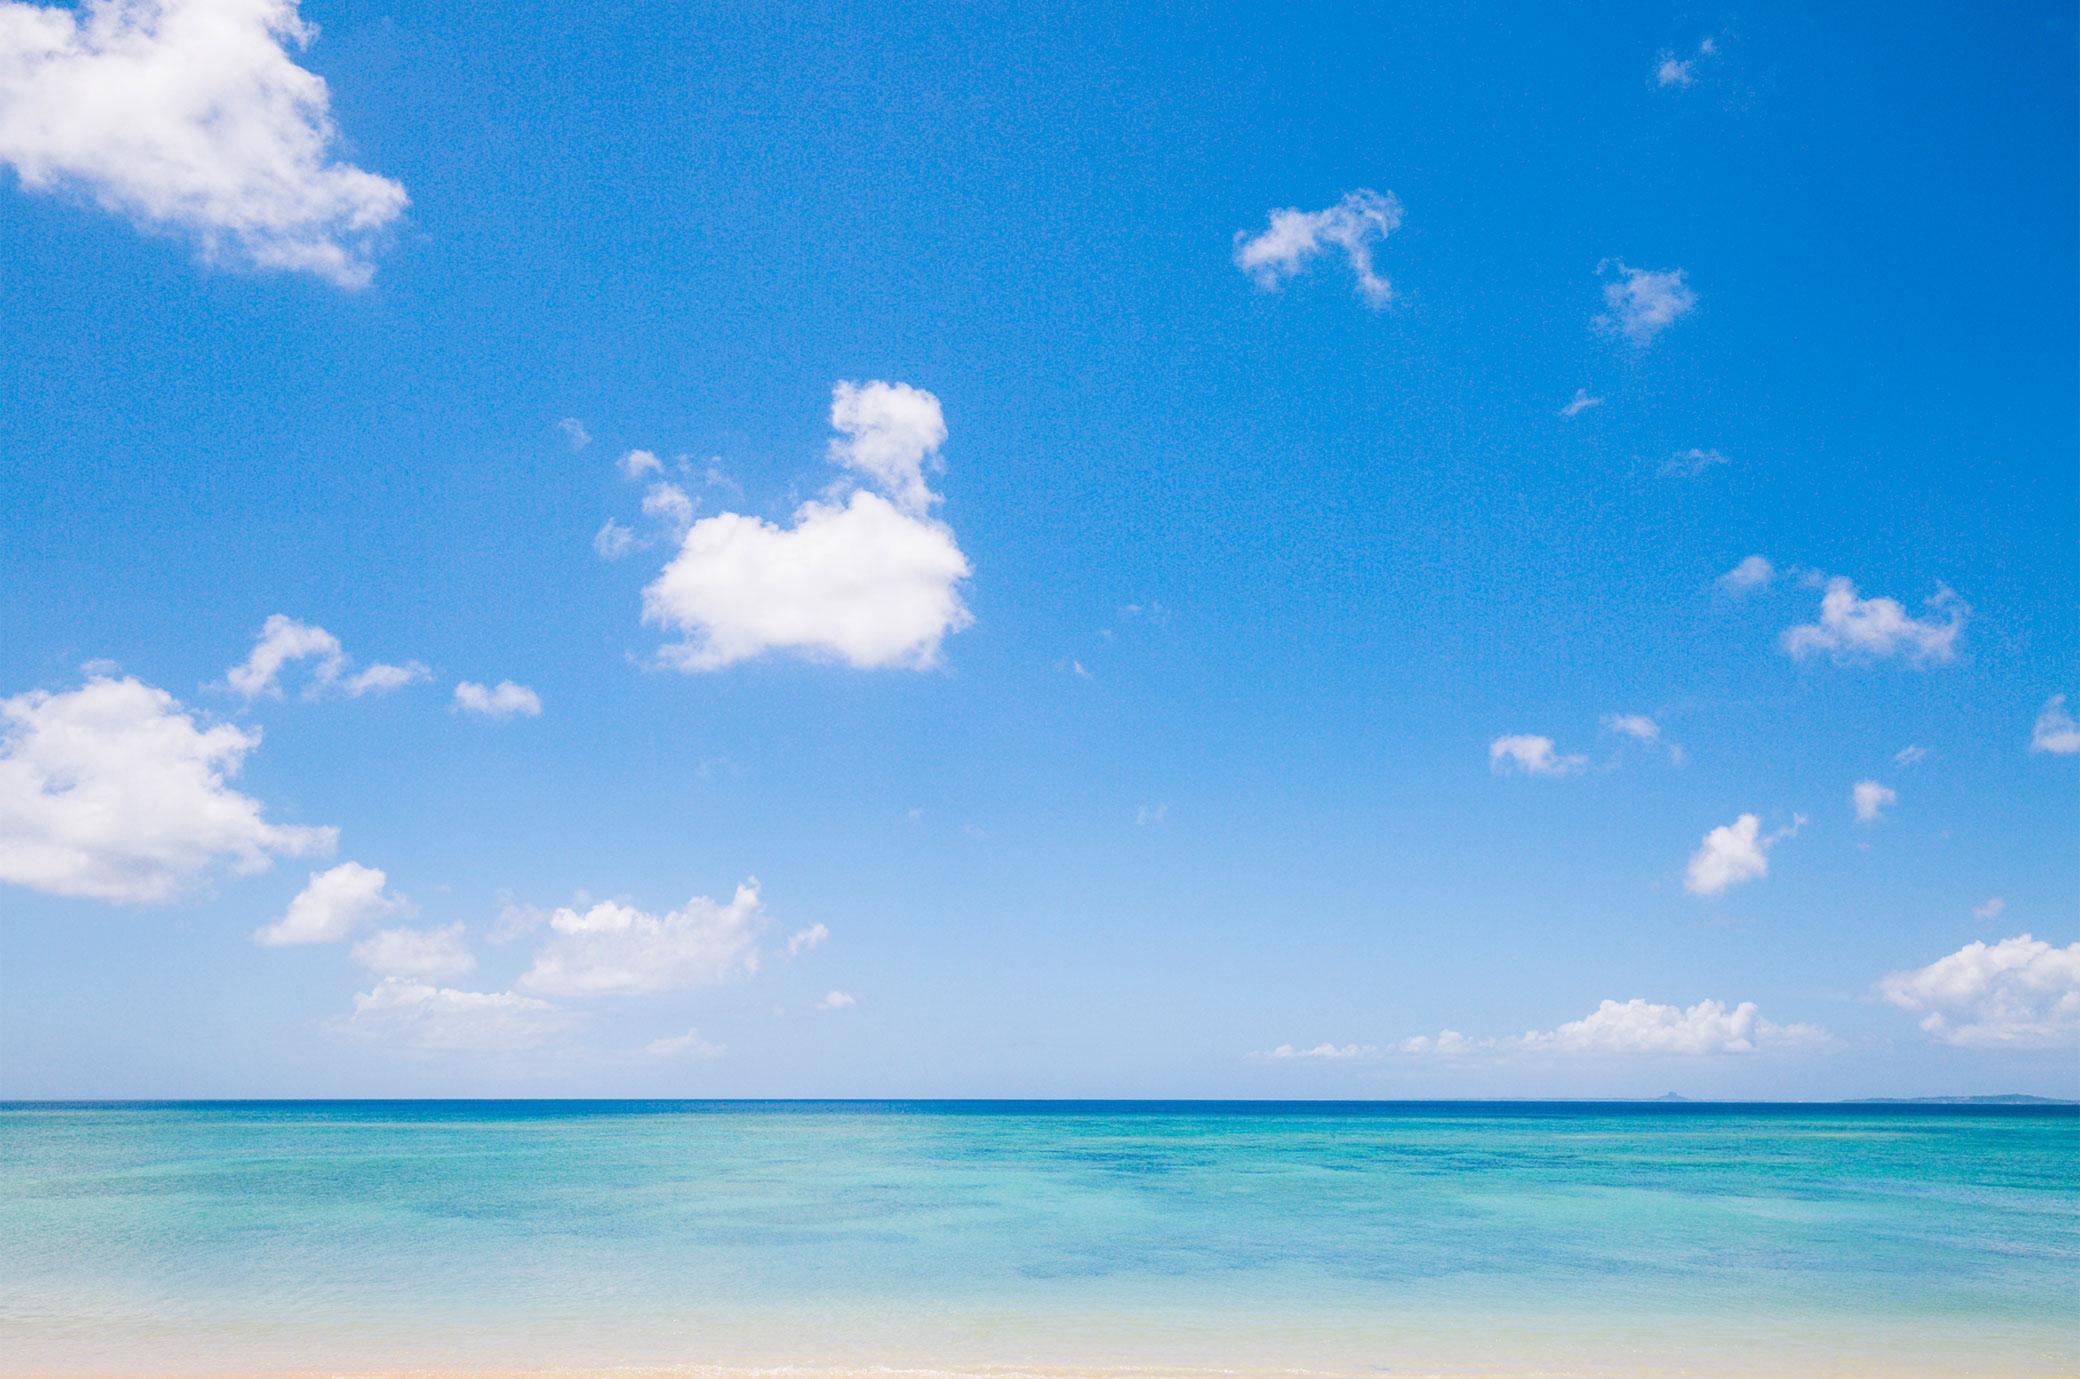 渡具知の浜(渡具知ビーチ)